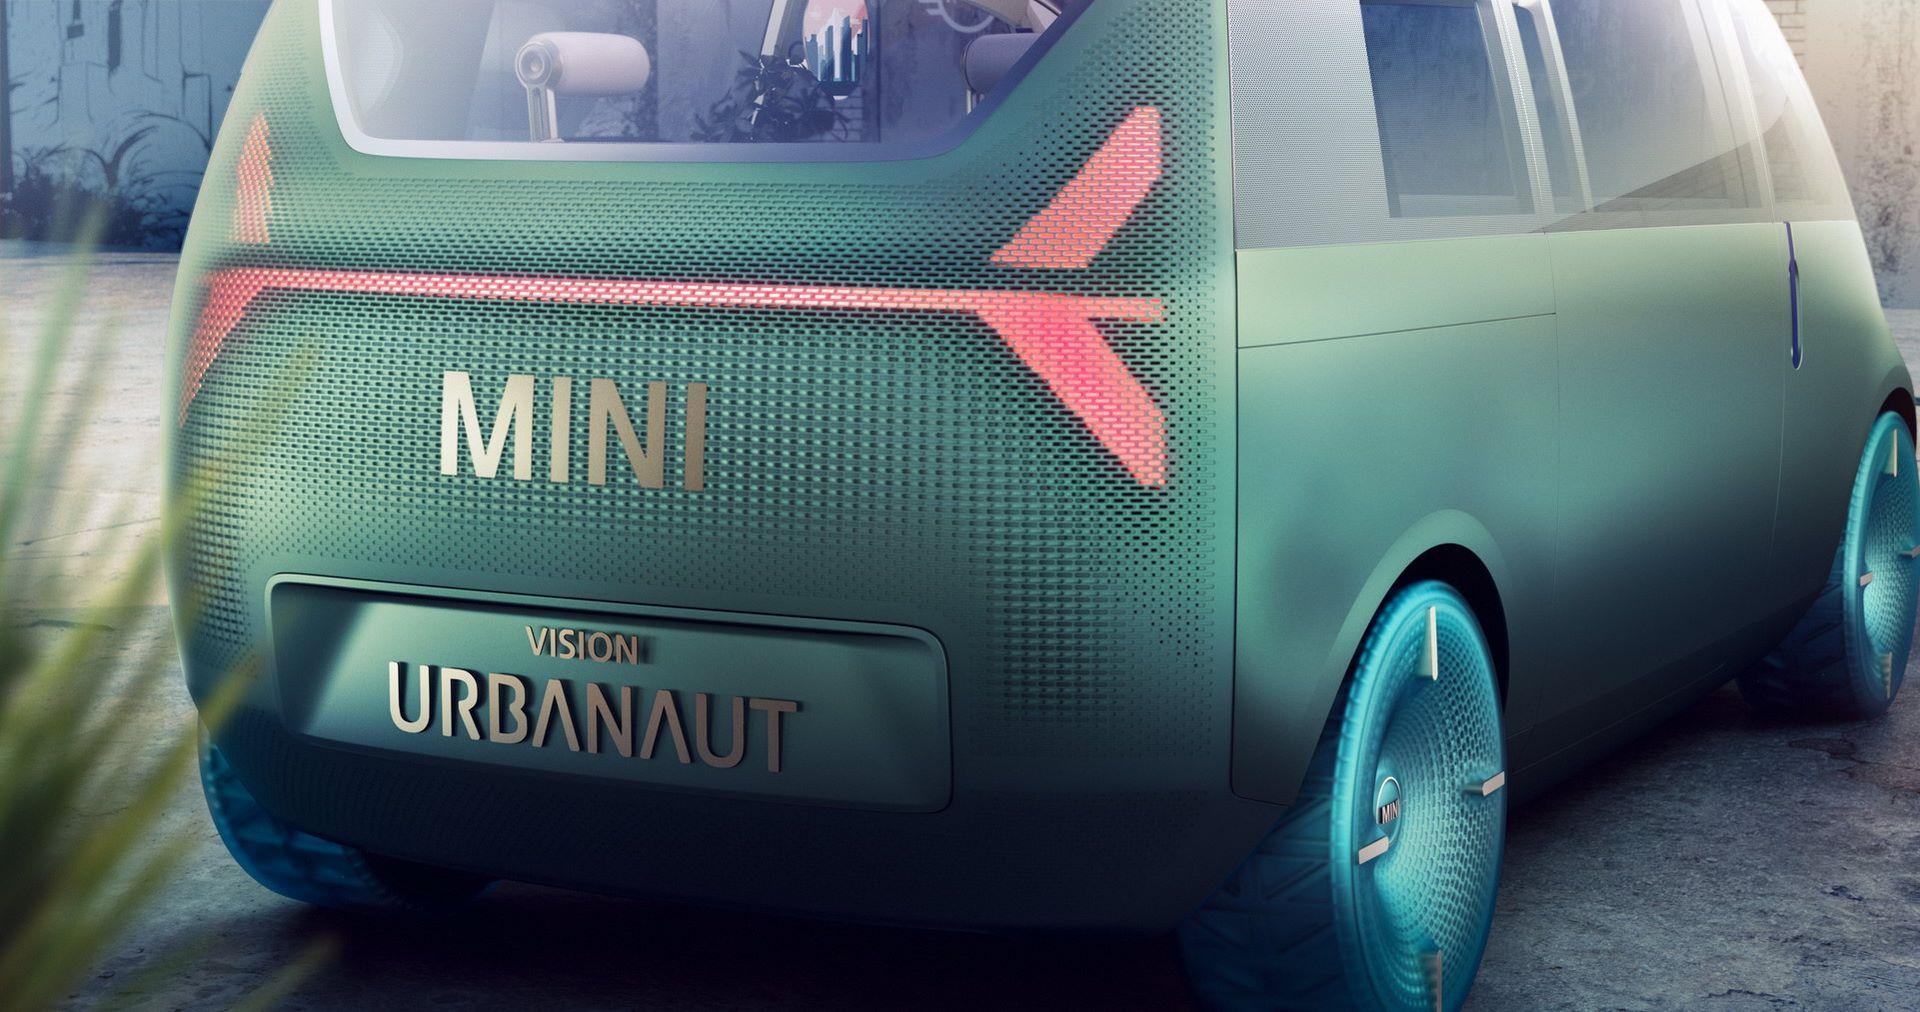 MINI-Vision-Urbanaut-10